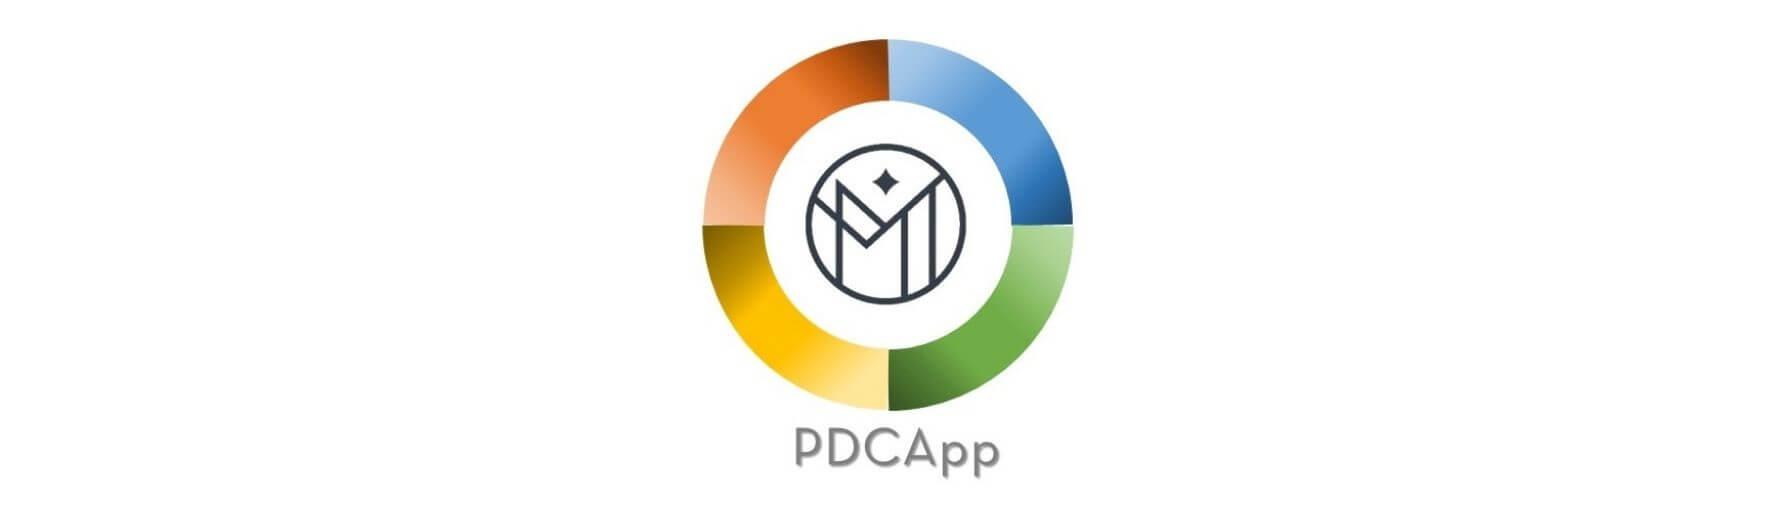 PDCAAPP